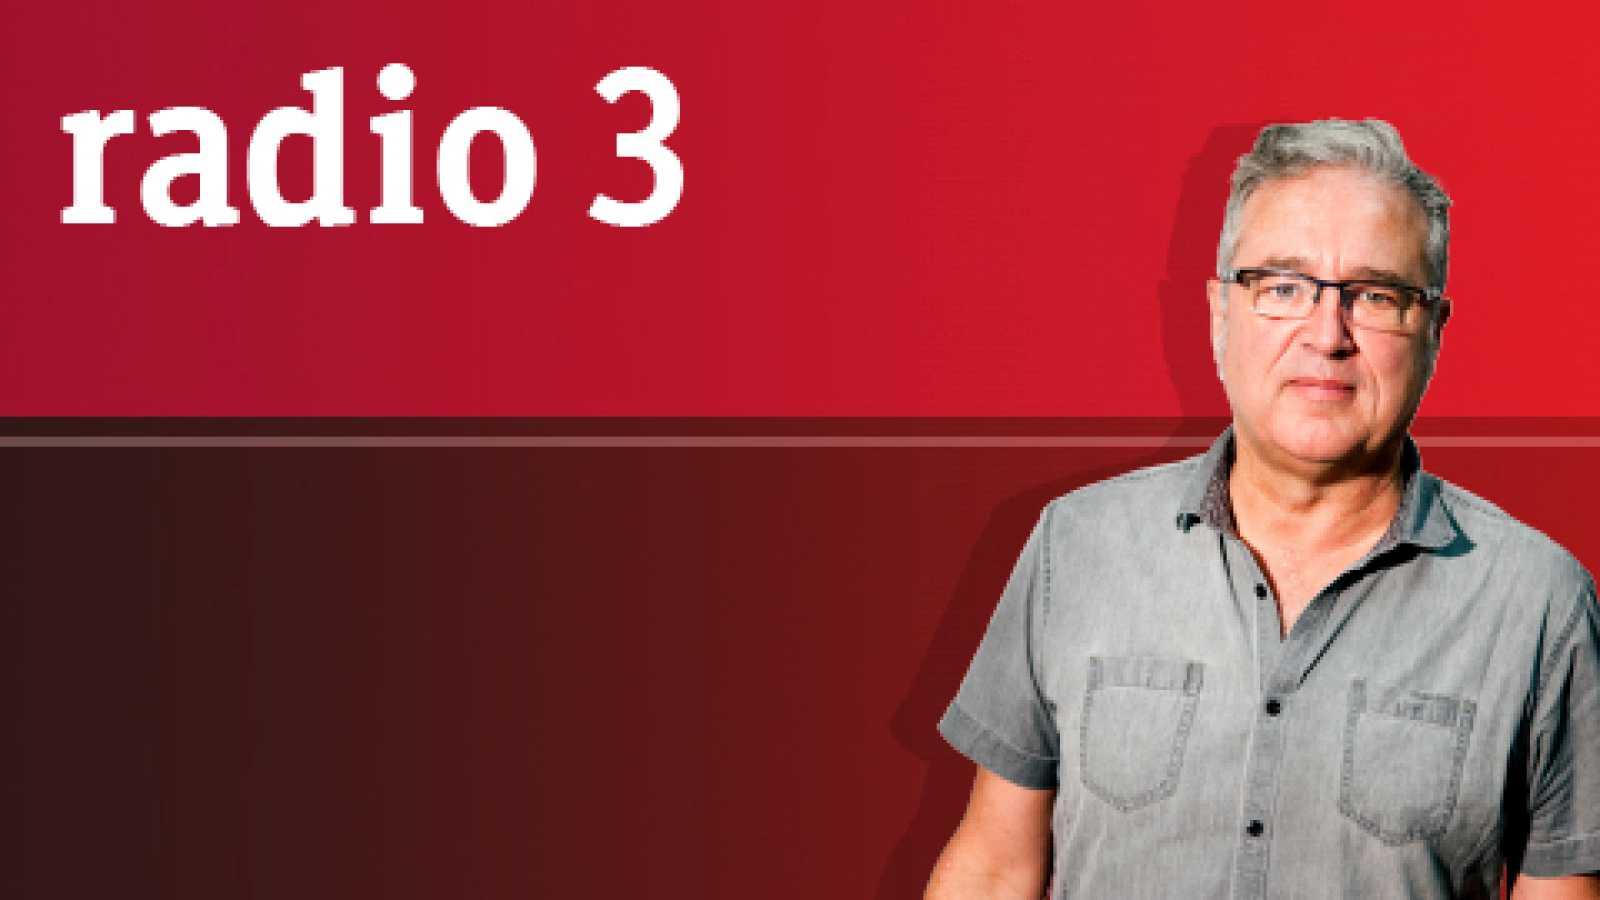 Tarataña - Los insólitos se citan en Burgos - 18/10/20 - escuchar ahora